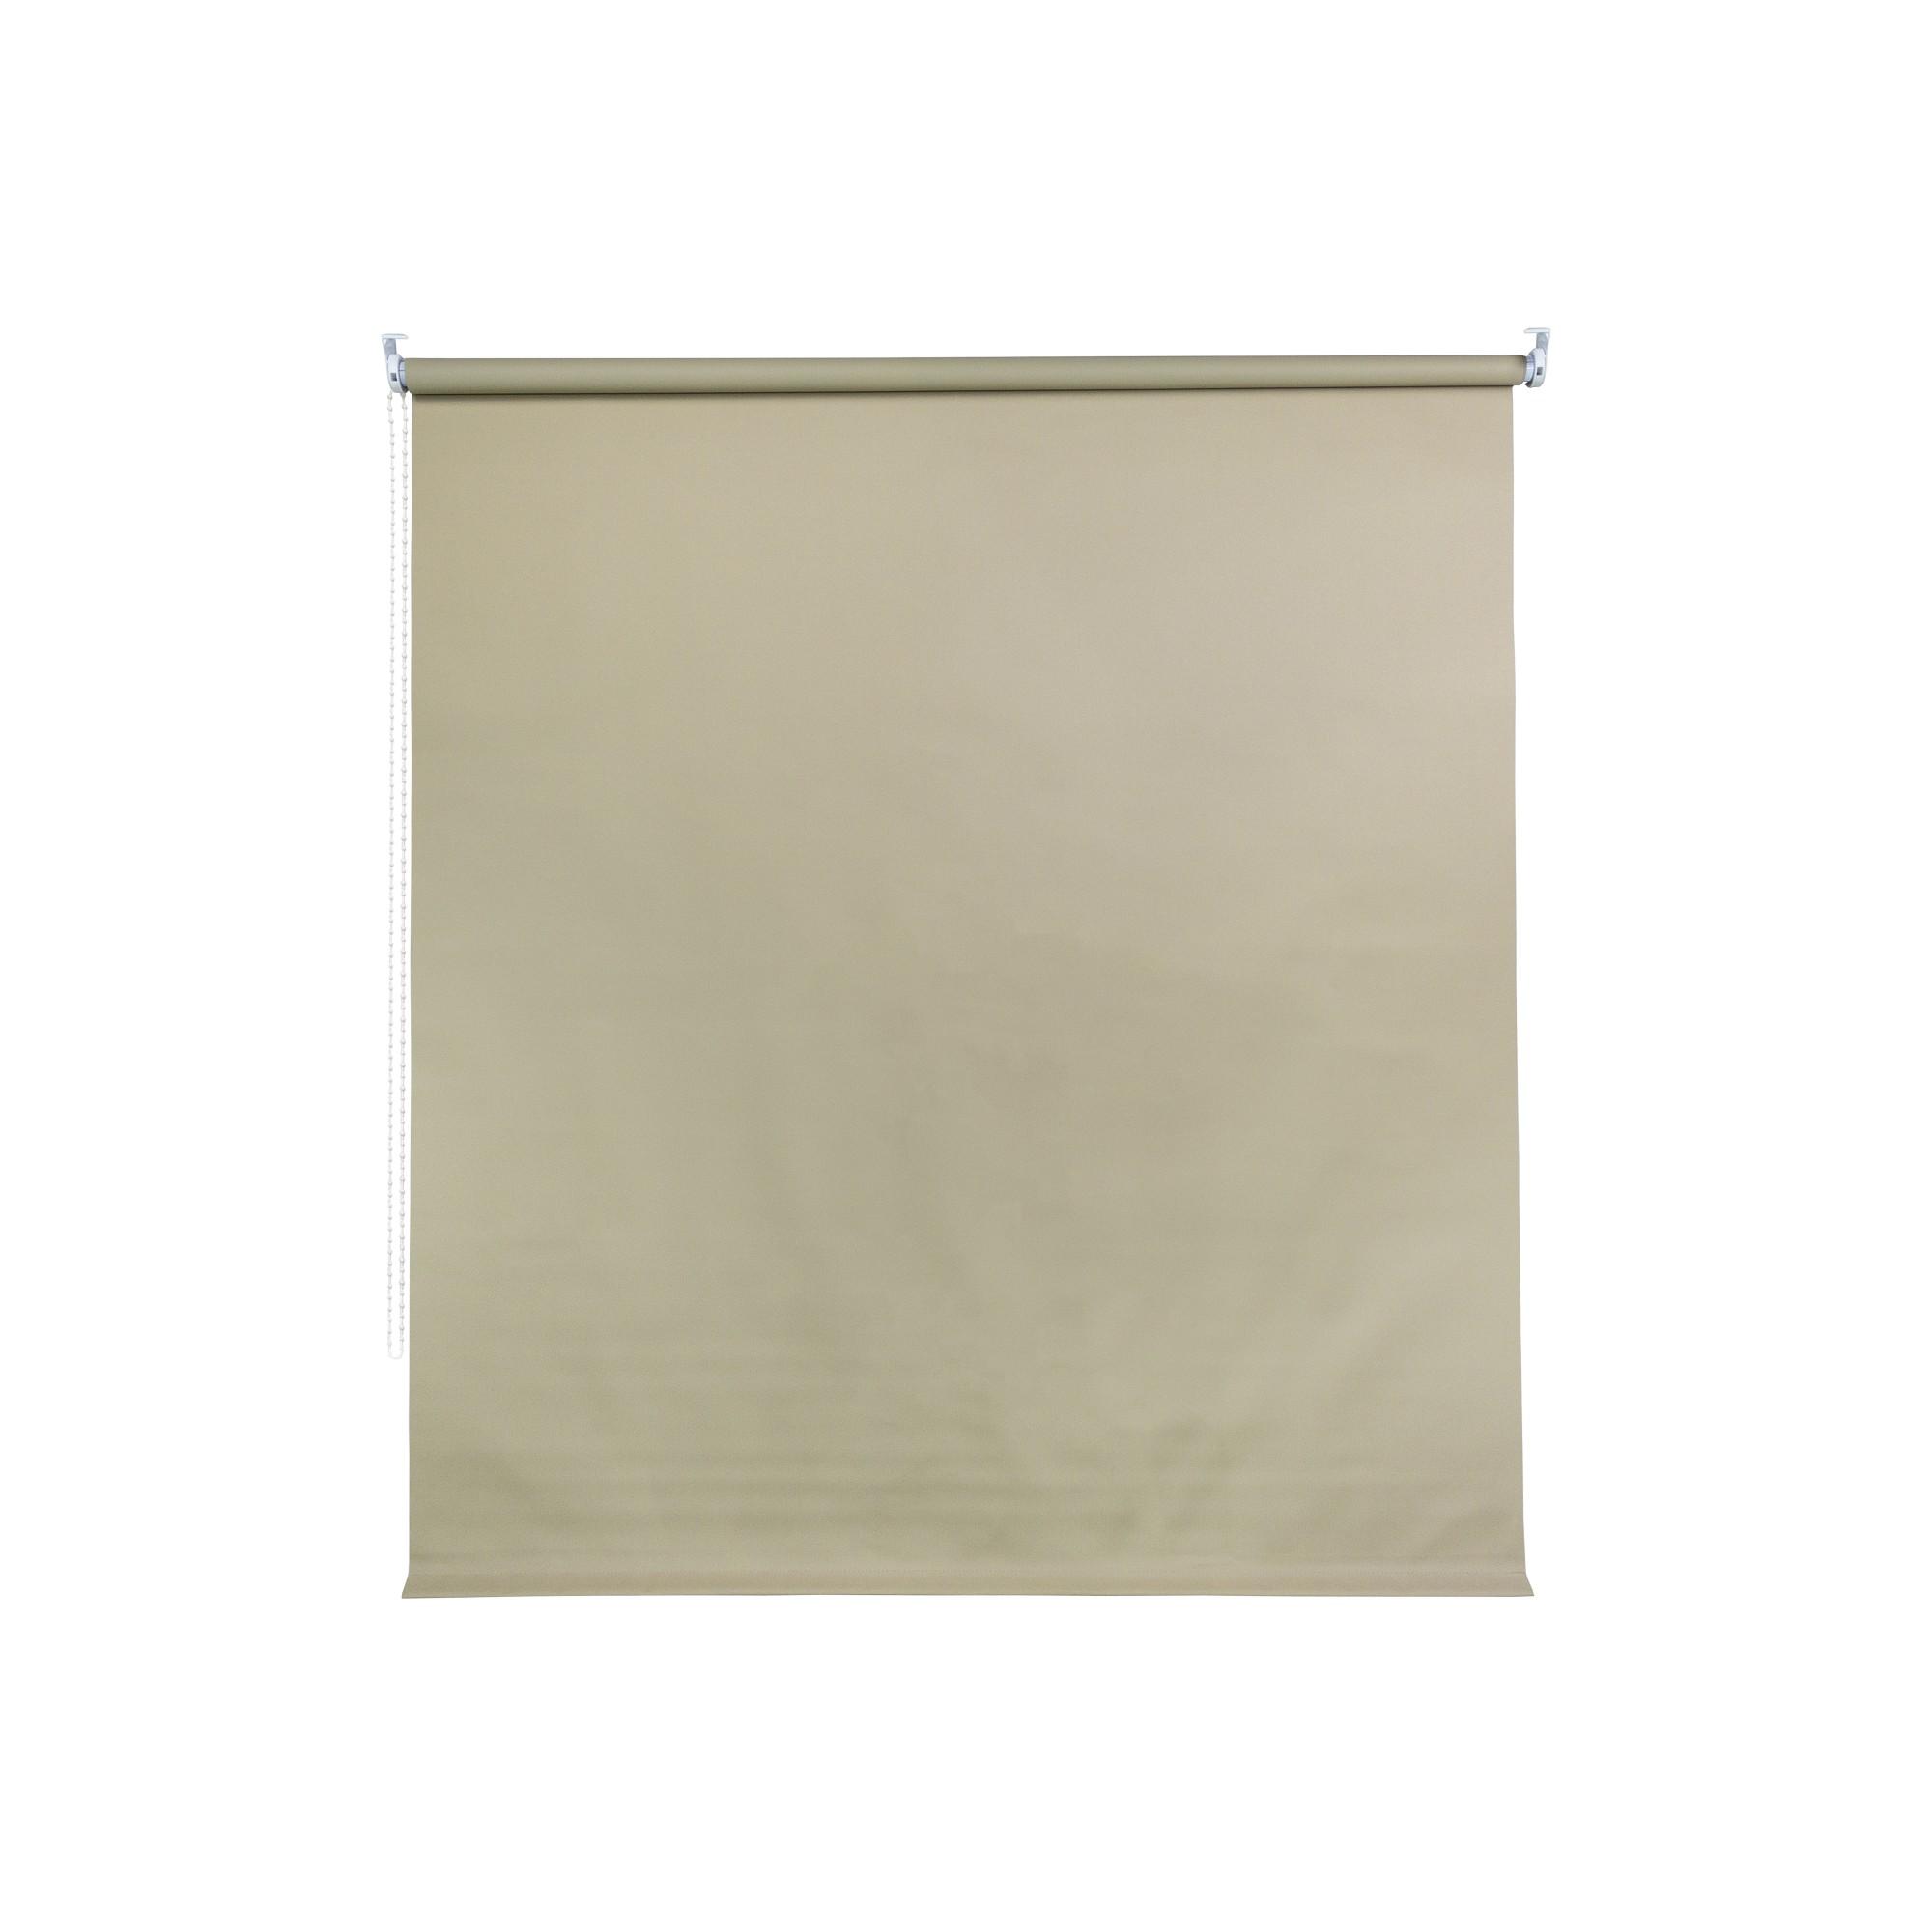 Persiana Rolo Poliester 140x170 cm Marfim D48-3 - Jolie